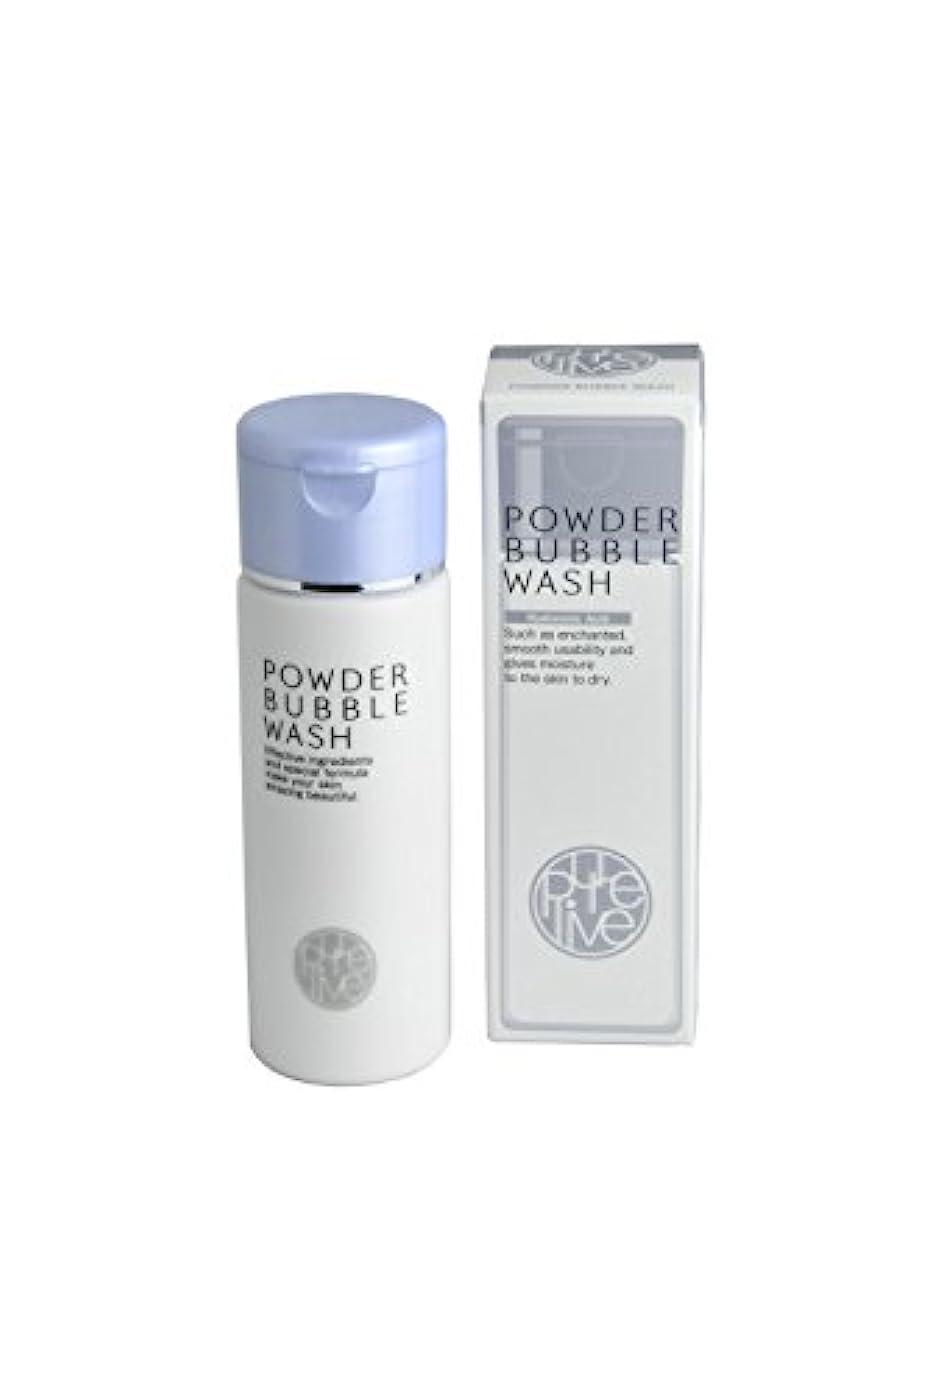 血ヒゲ書士[PURELIVE] パウダー バブル ウォッシュ Powder Bubble Wash (粉末洗顔料)‐KH762077